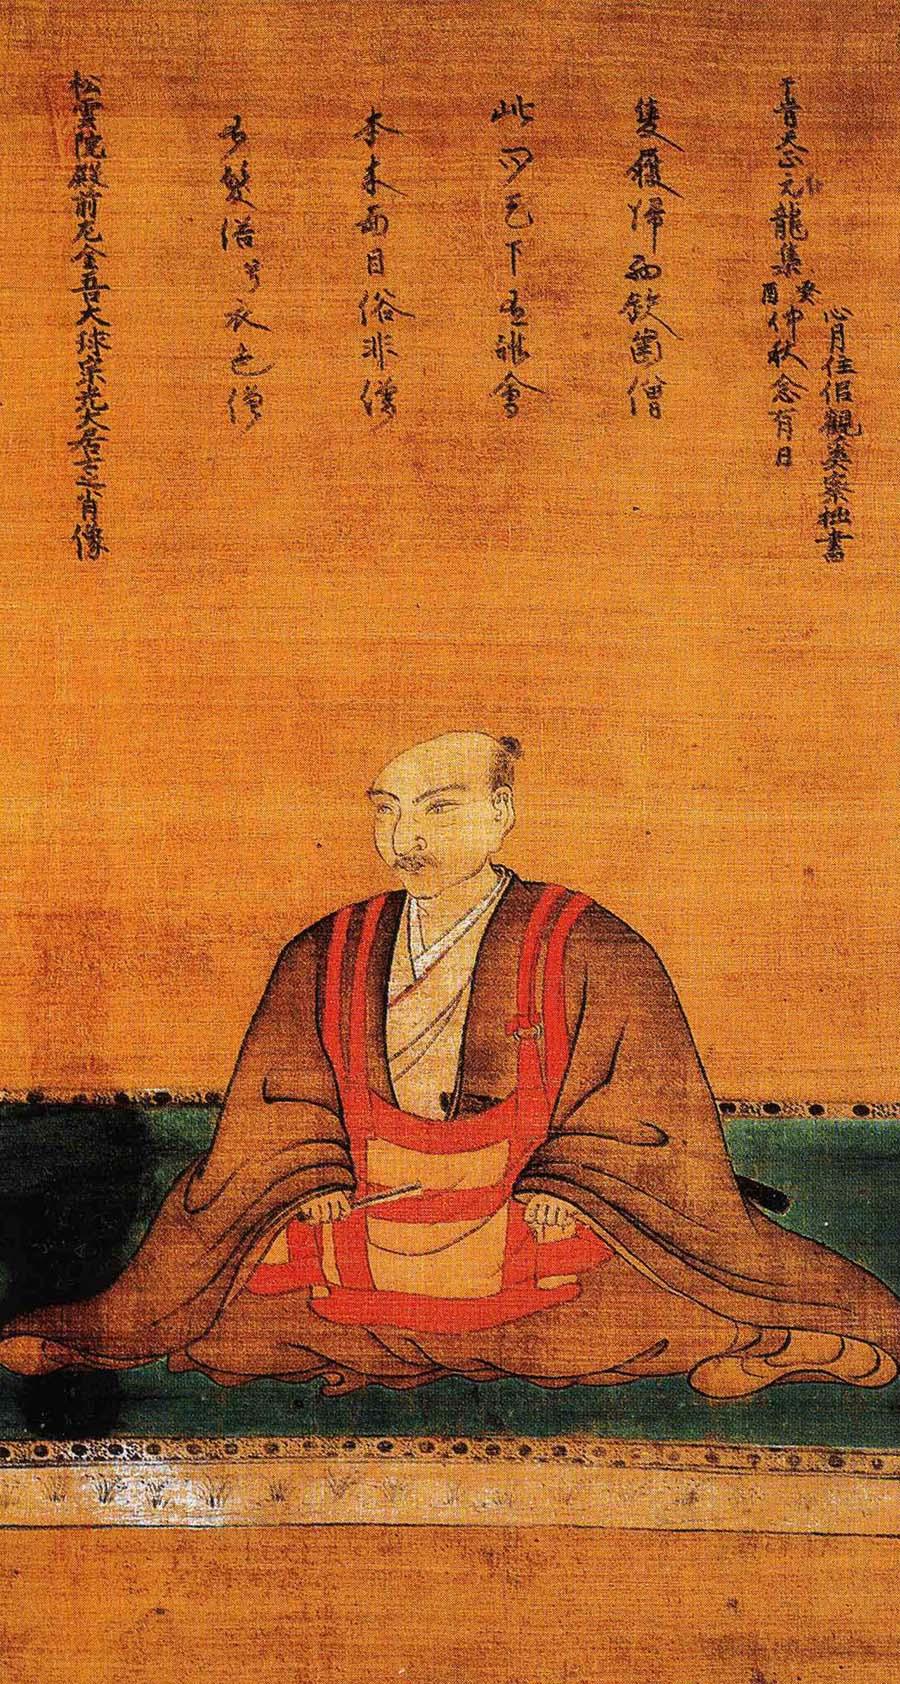 朝倉義景像(心月寺所蔵)